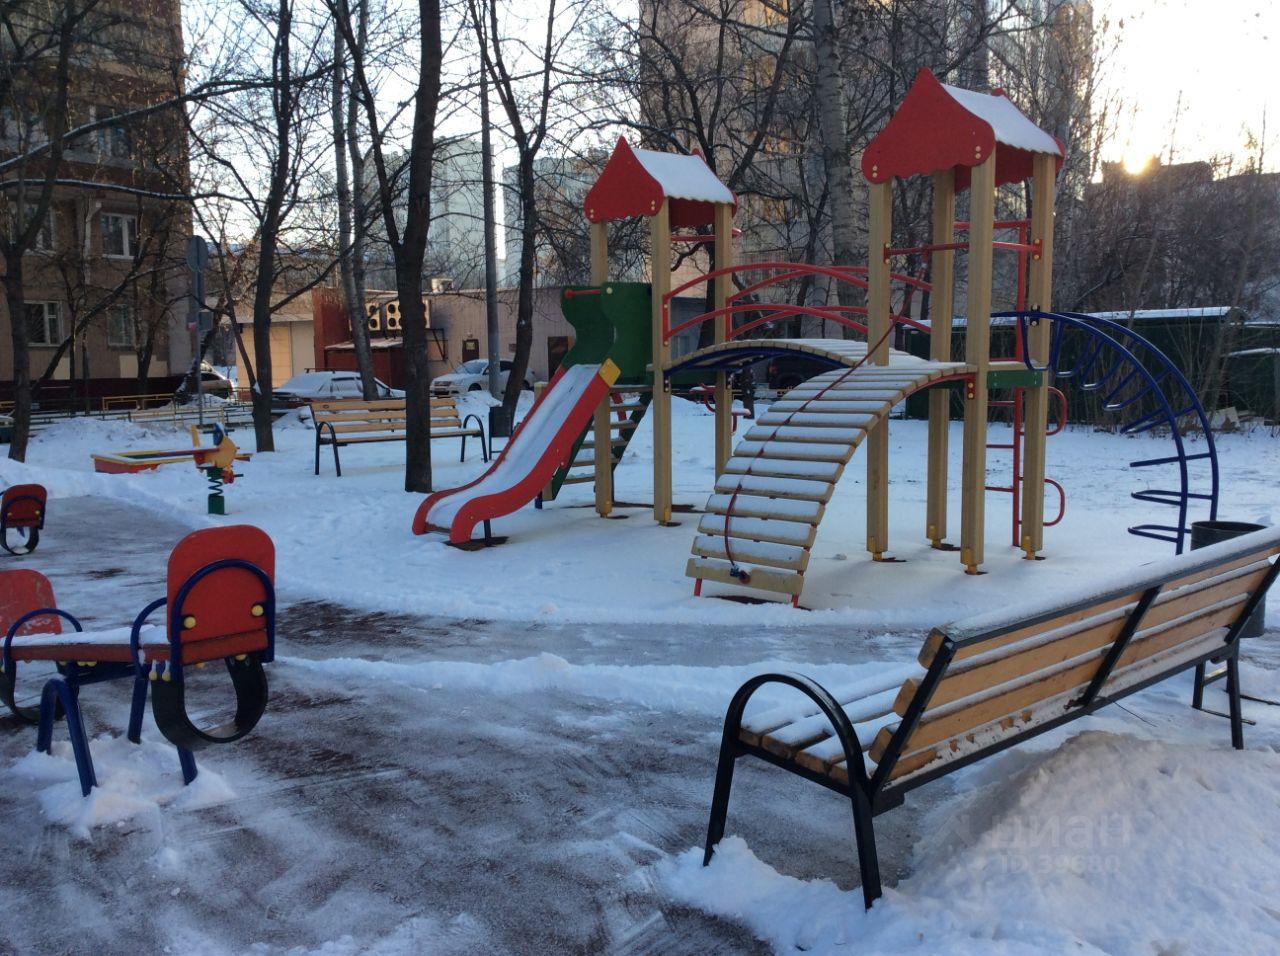 продается однокомнатная квартира город Москва, метро Шоссе Энтузиастов, улица Плеханова, д. 14К3